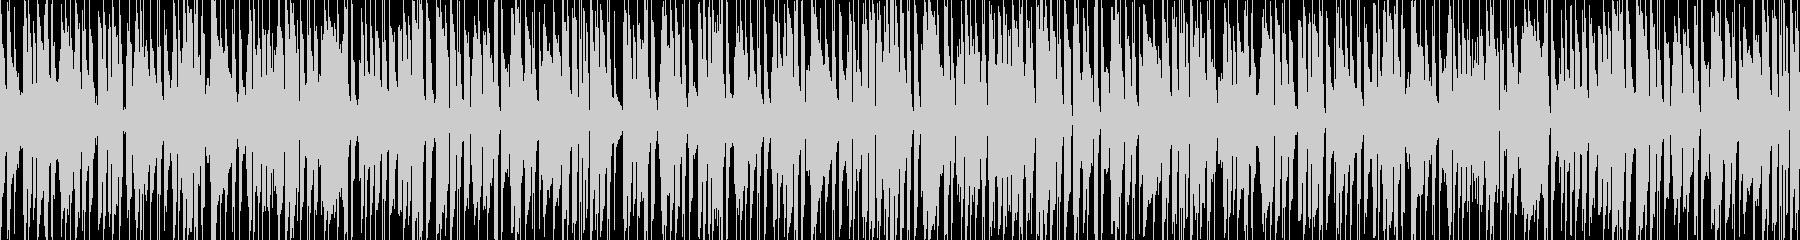 軽快でキャッチーなジャズピアノポップスの未再生の波形